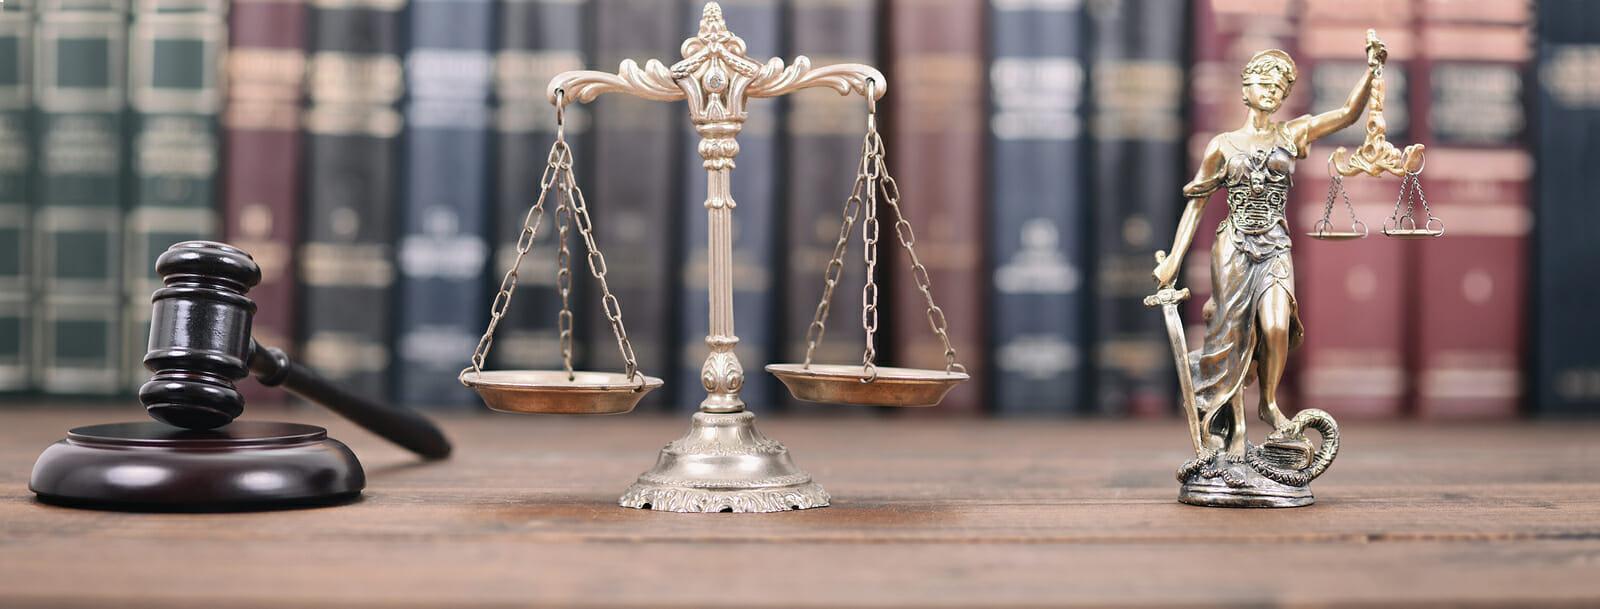 avocat criminel bris condition